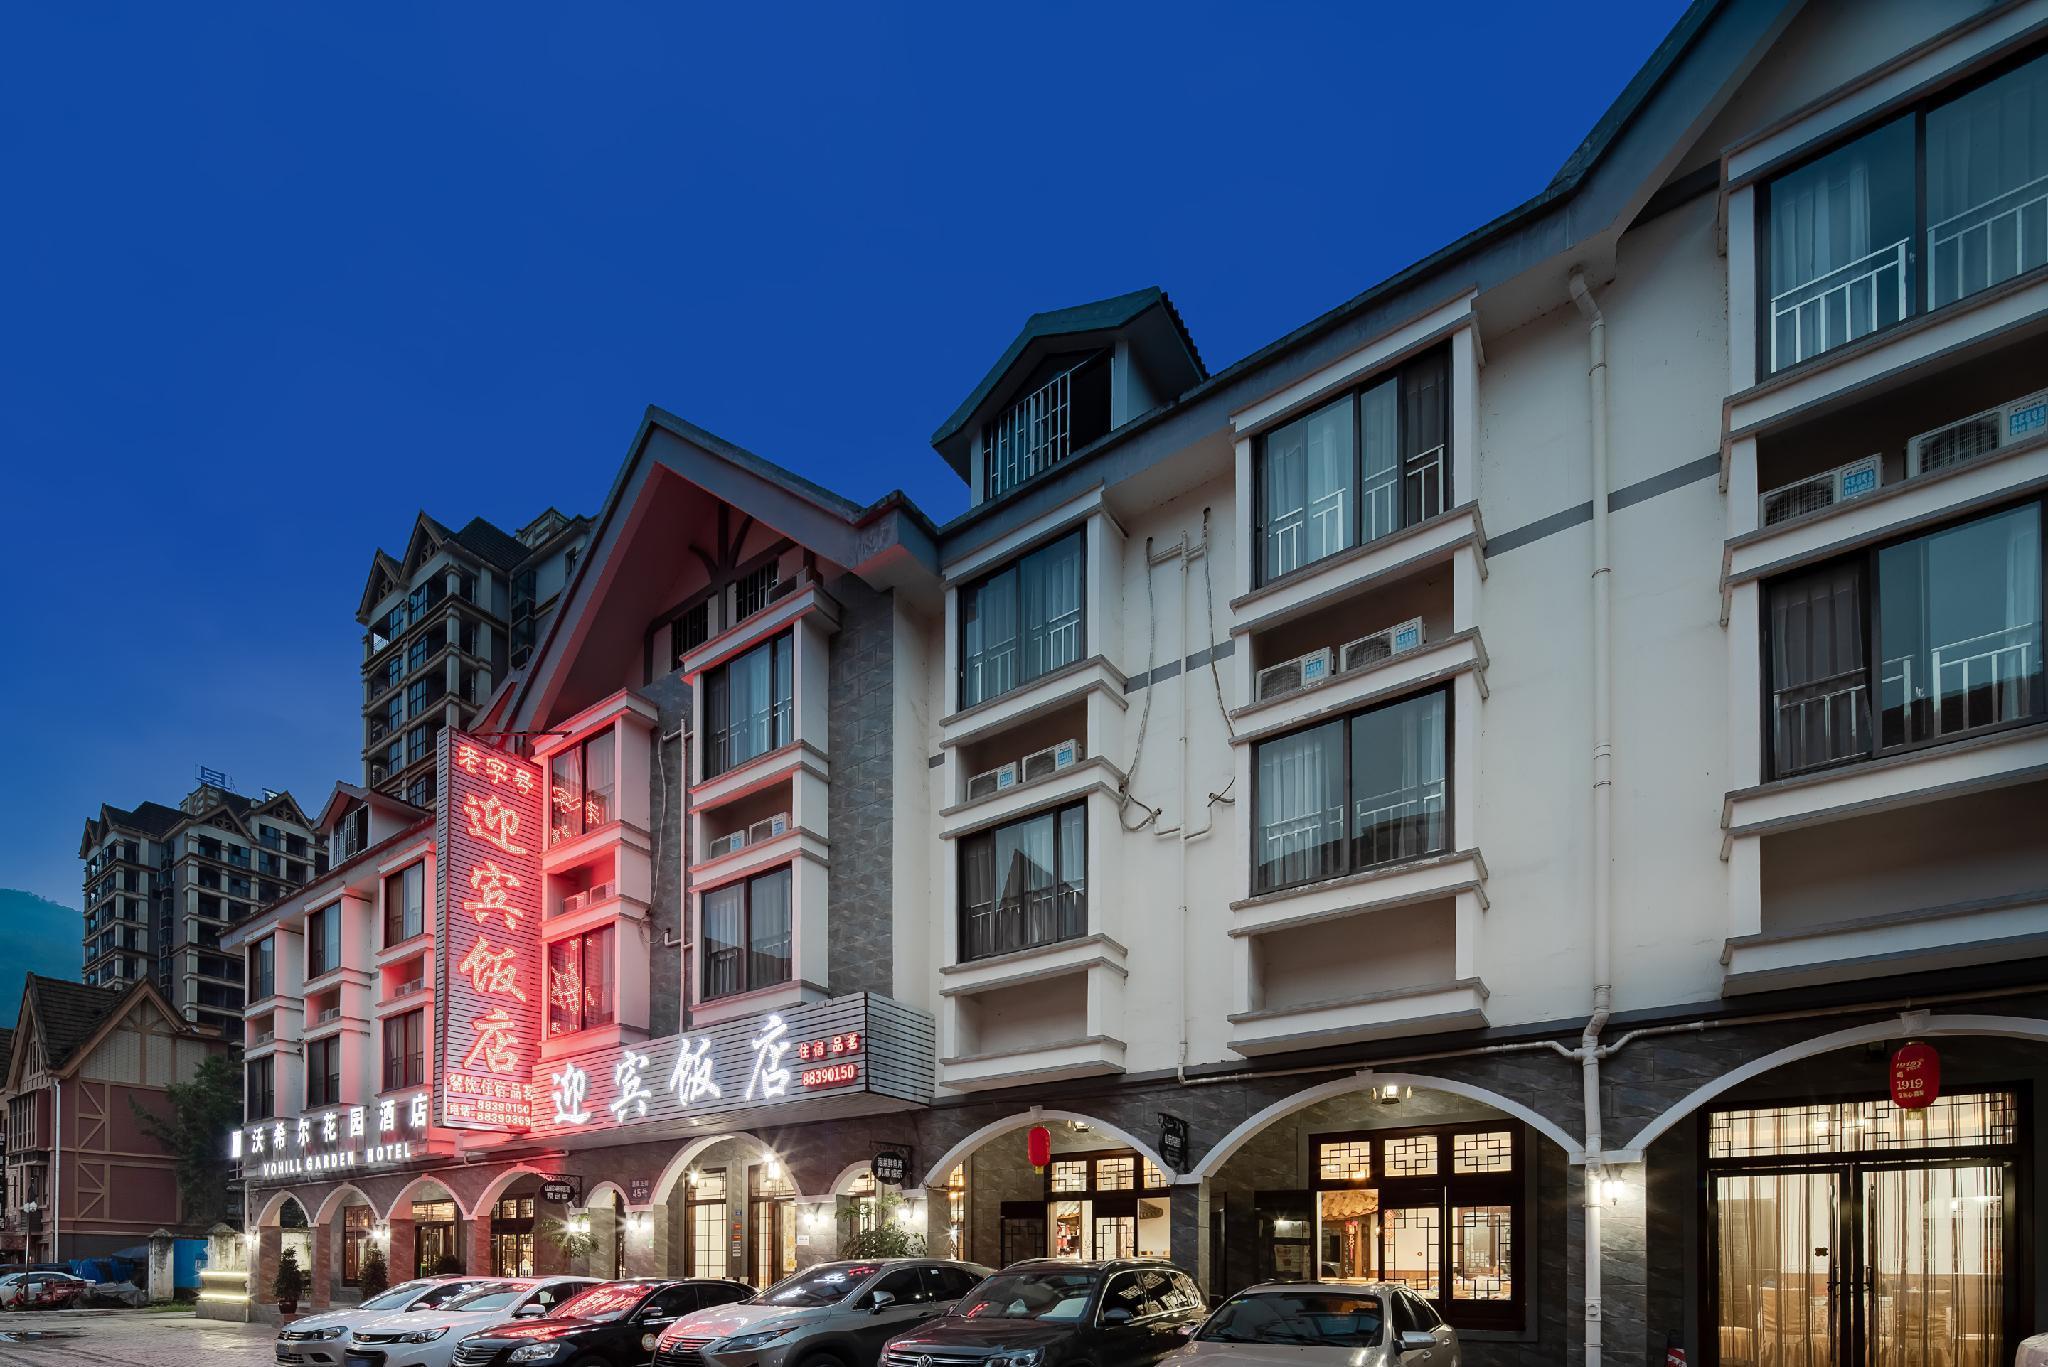 Huashuiwan YingBin Hotel